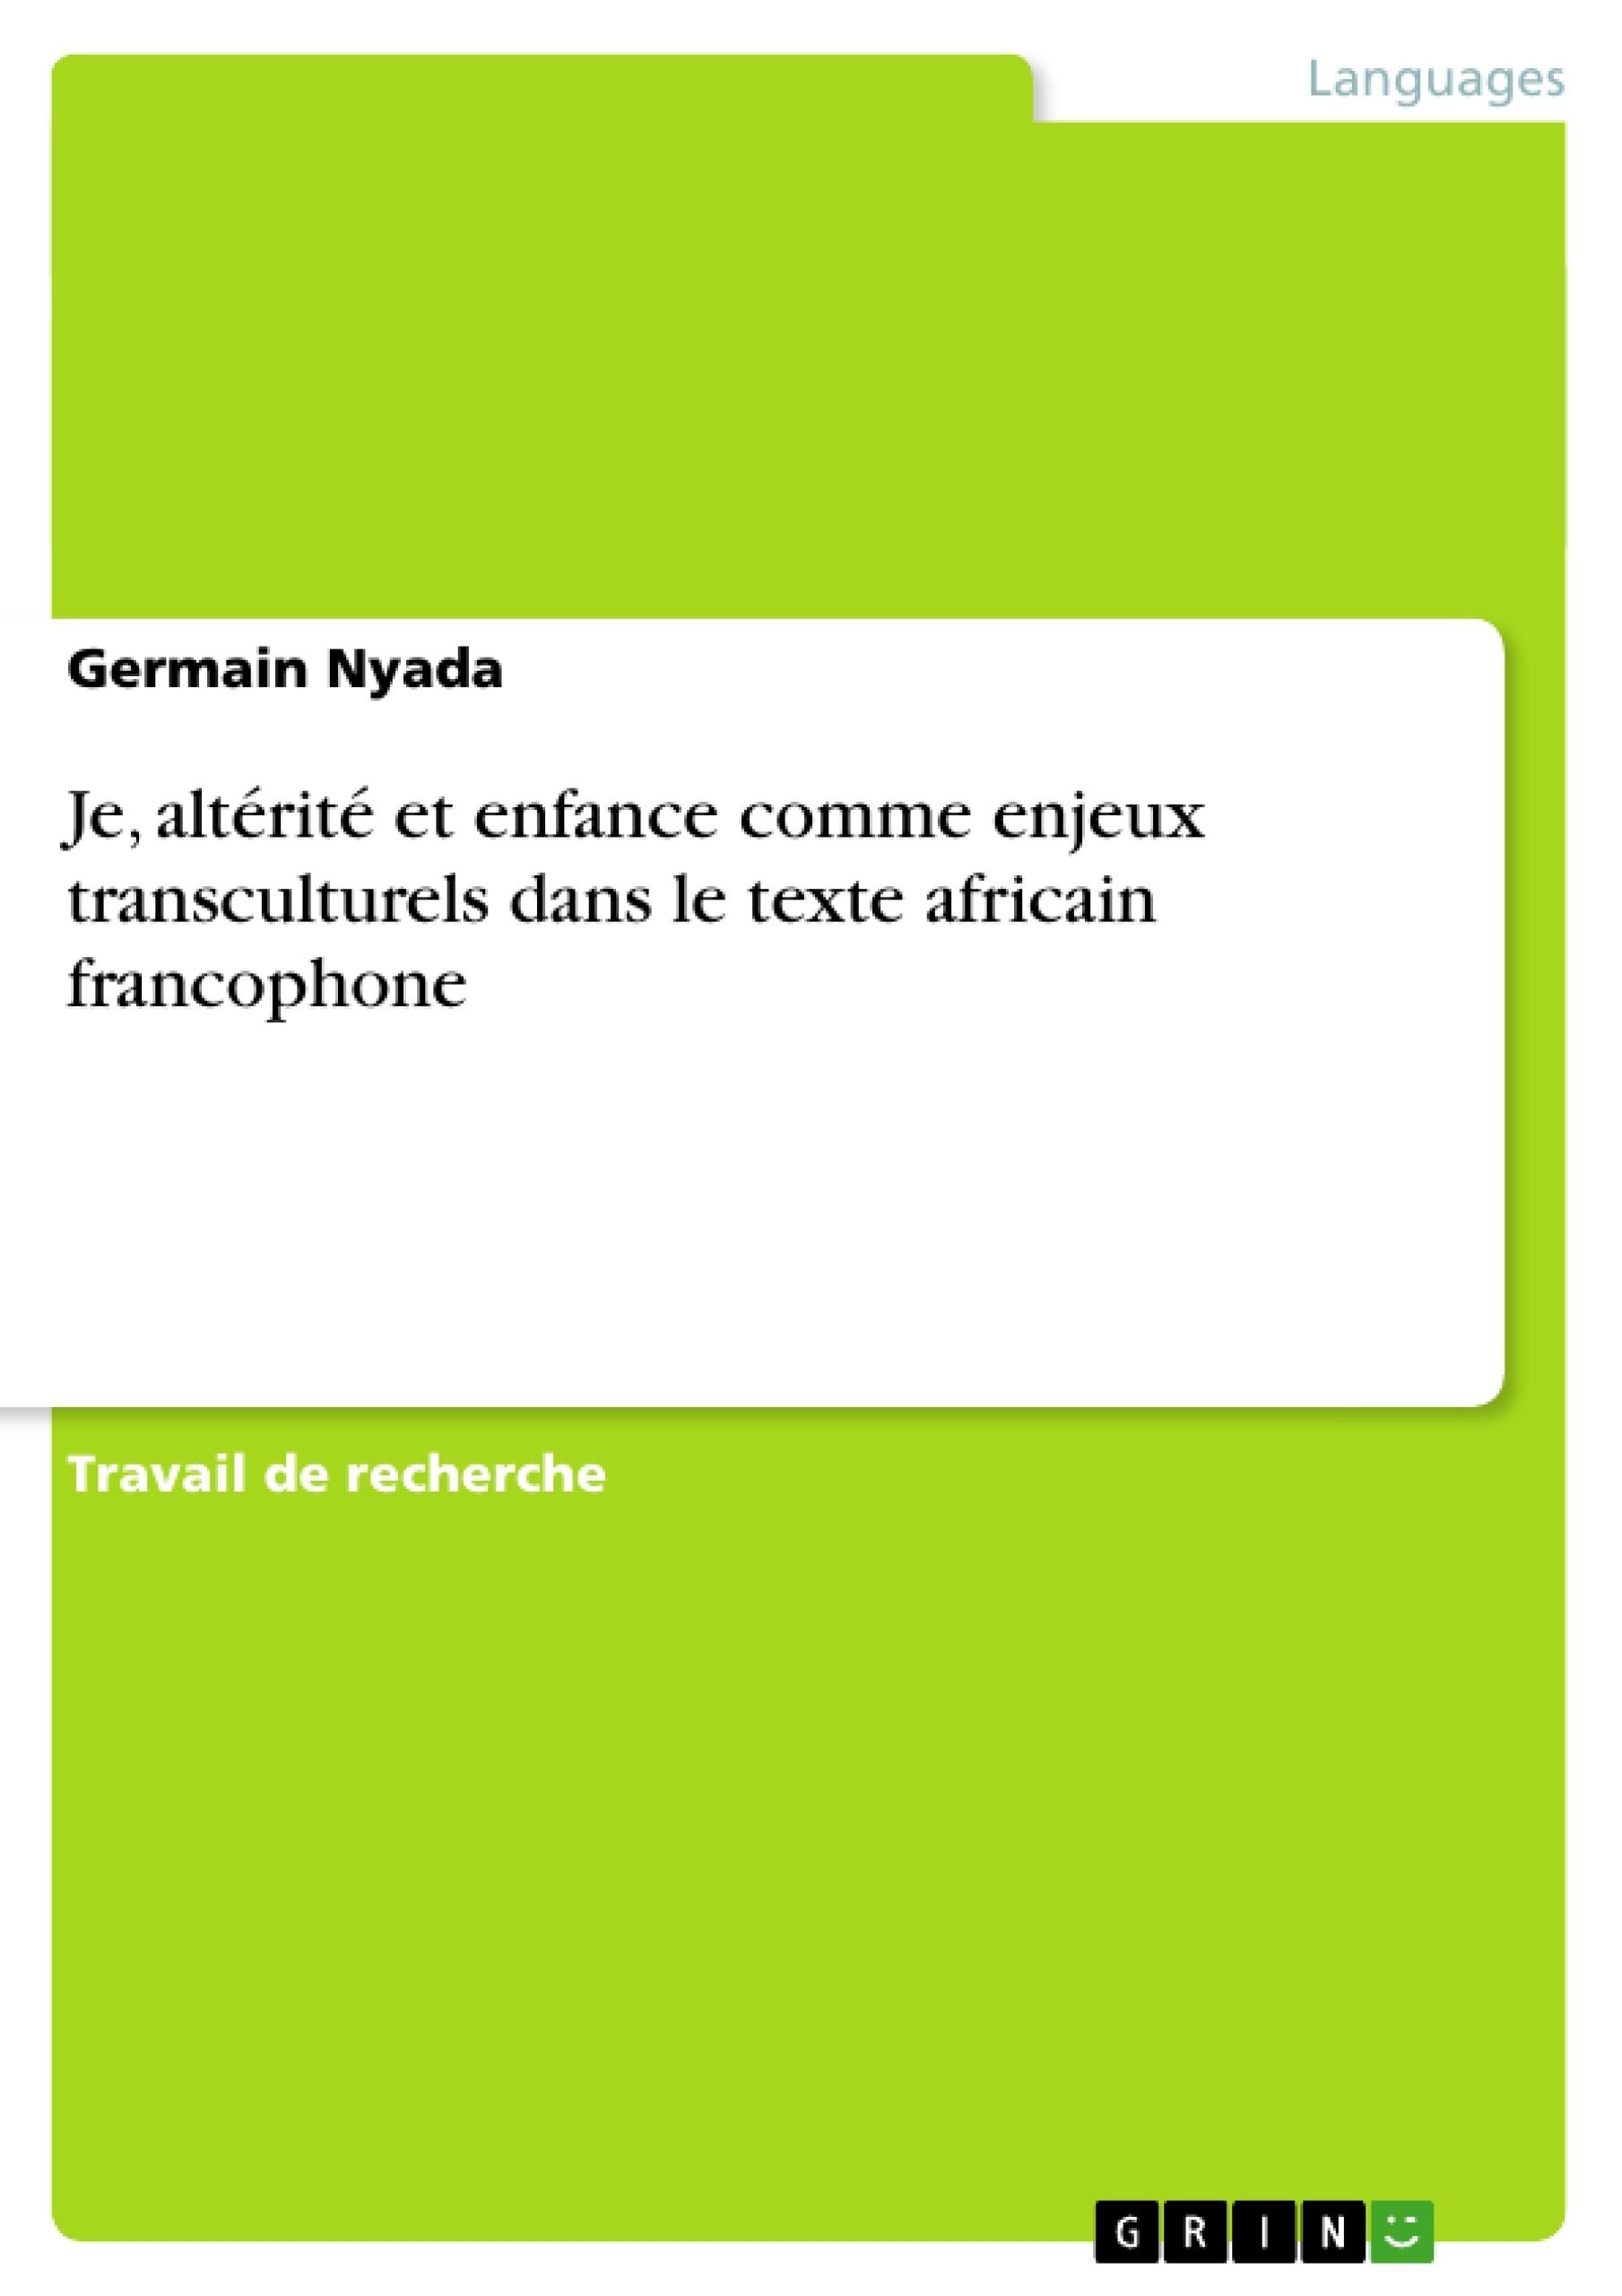 Titre: Je, altérité et enfance comme enjeux transculturels dans le texte africain francophone